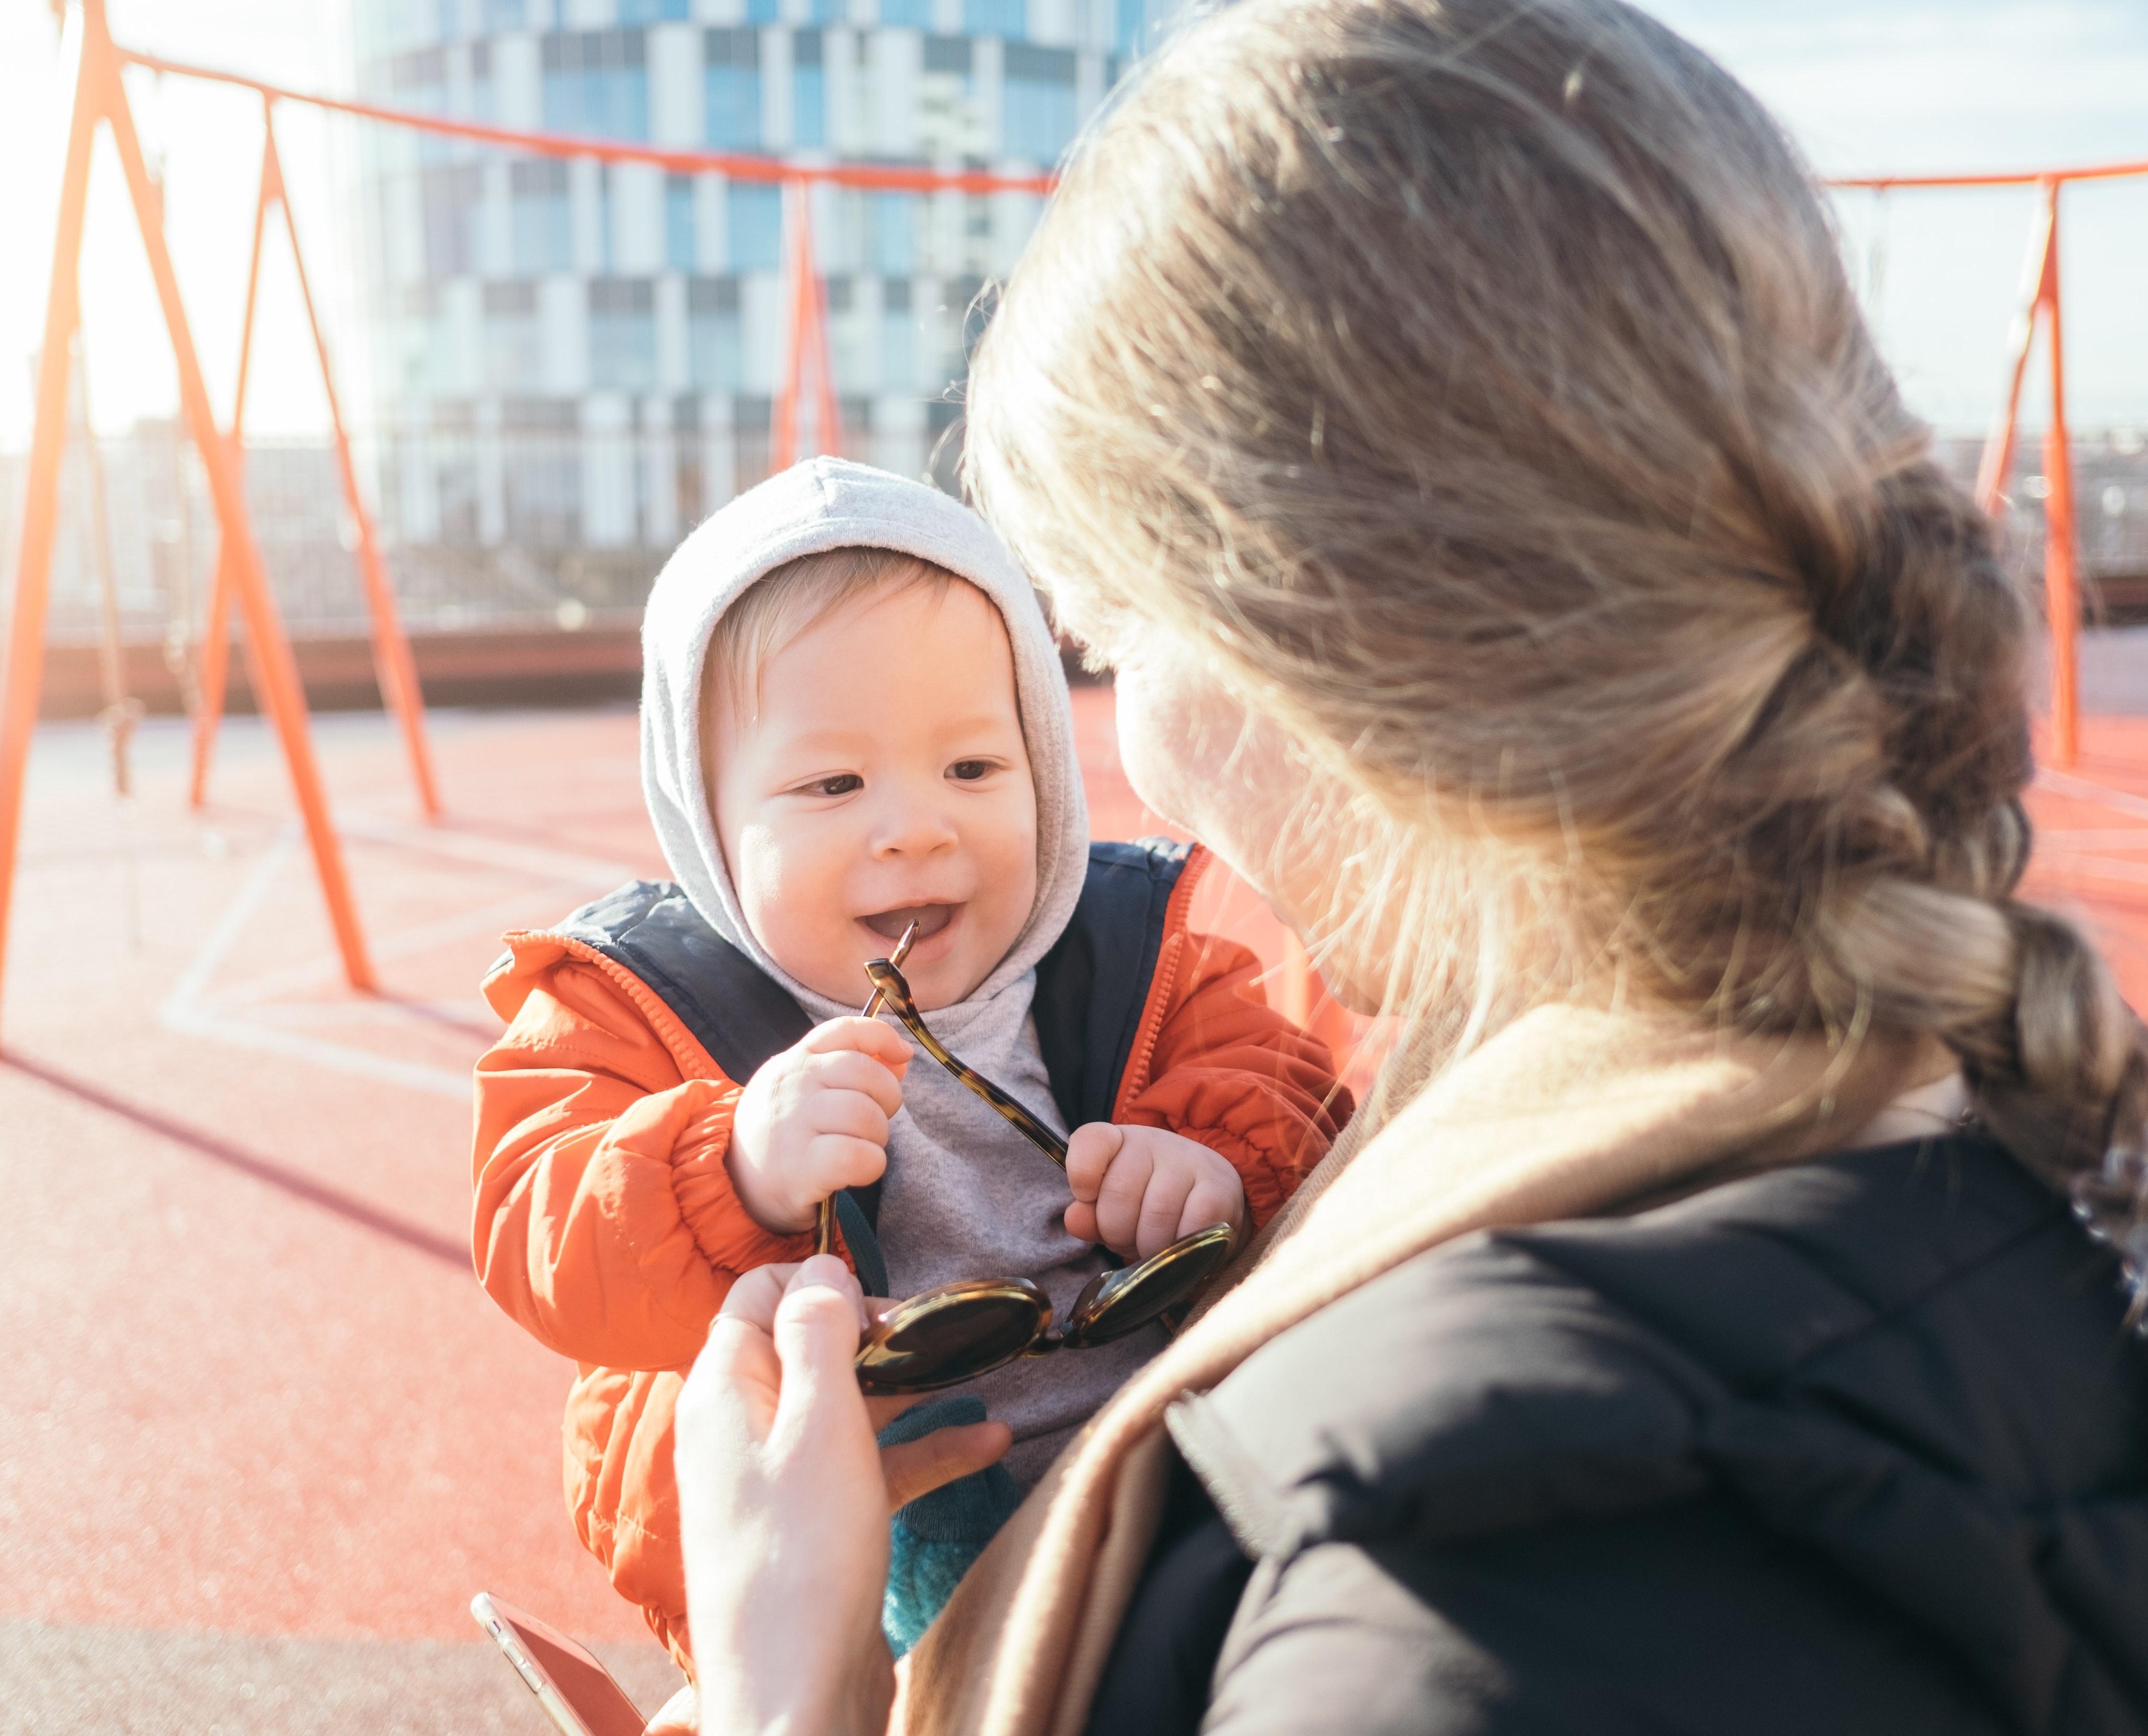 Woman and baby in Copenhagen